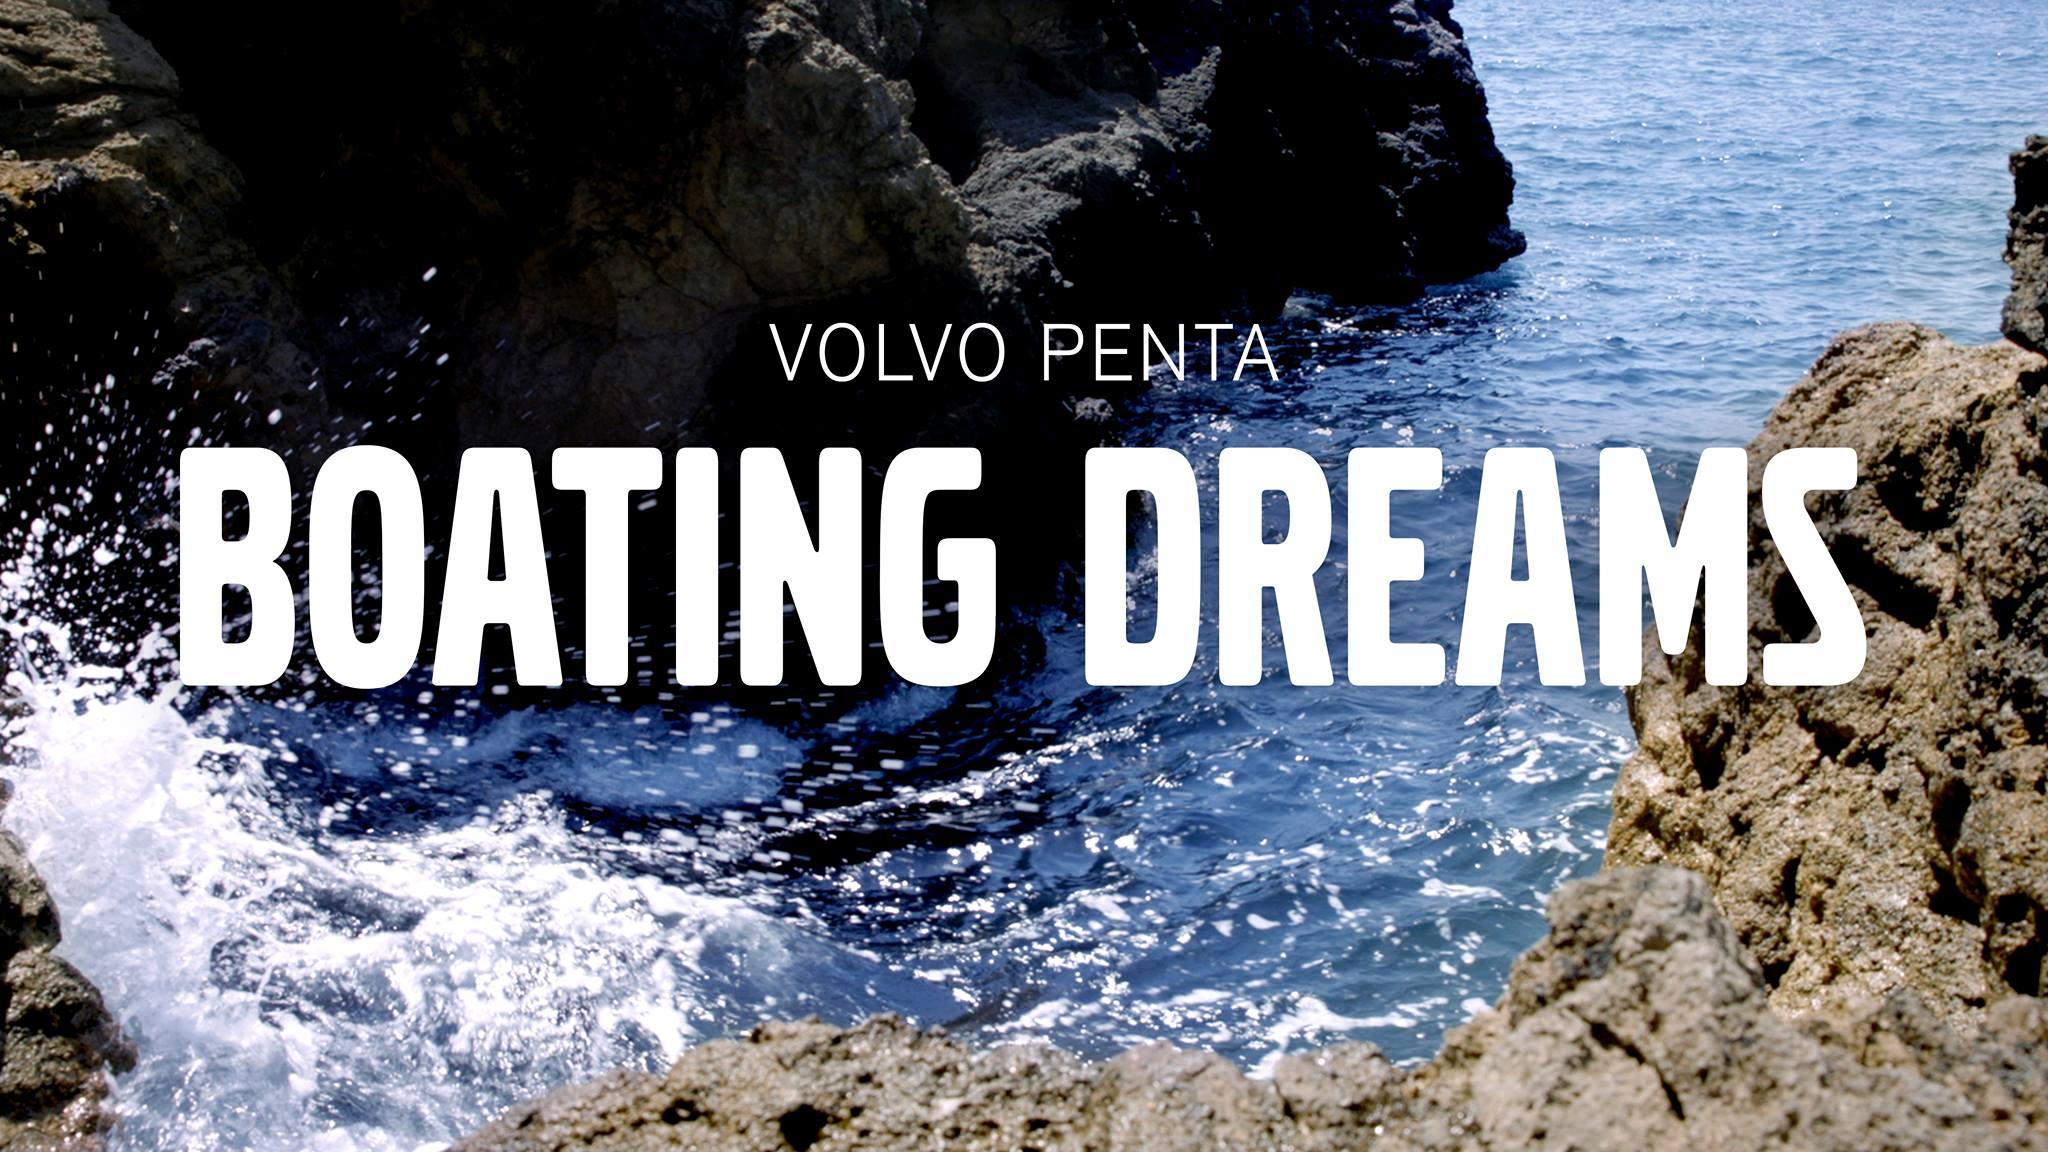 The Boating Dreams serien bliver lanceret online. Foto: Volvo Penta